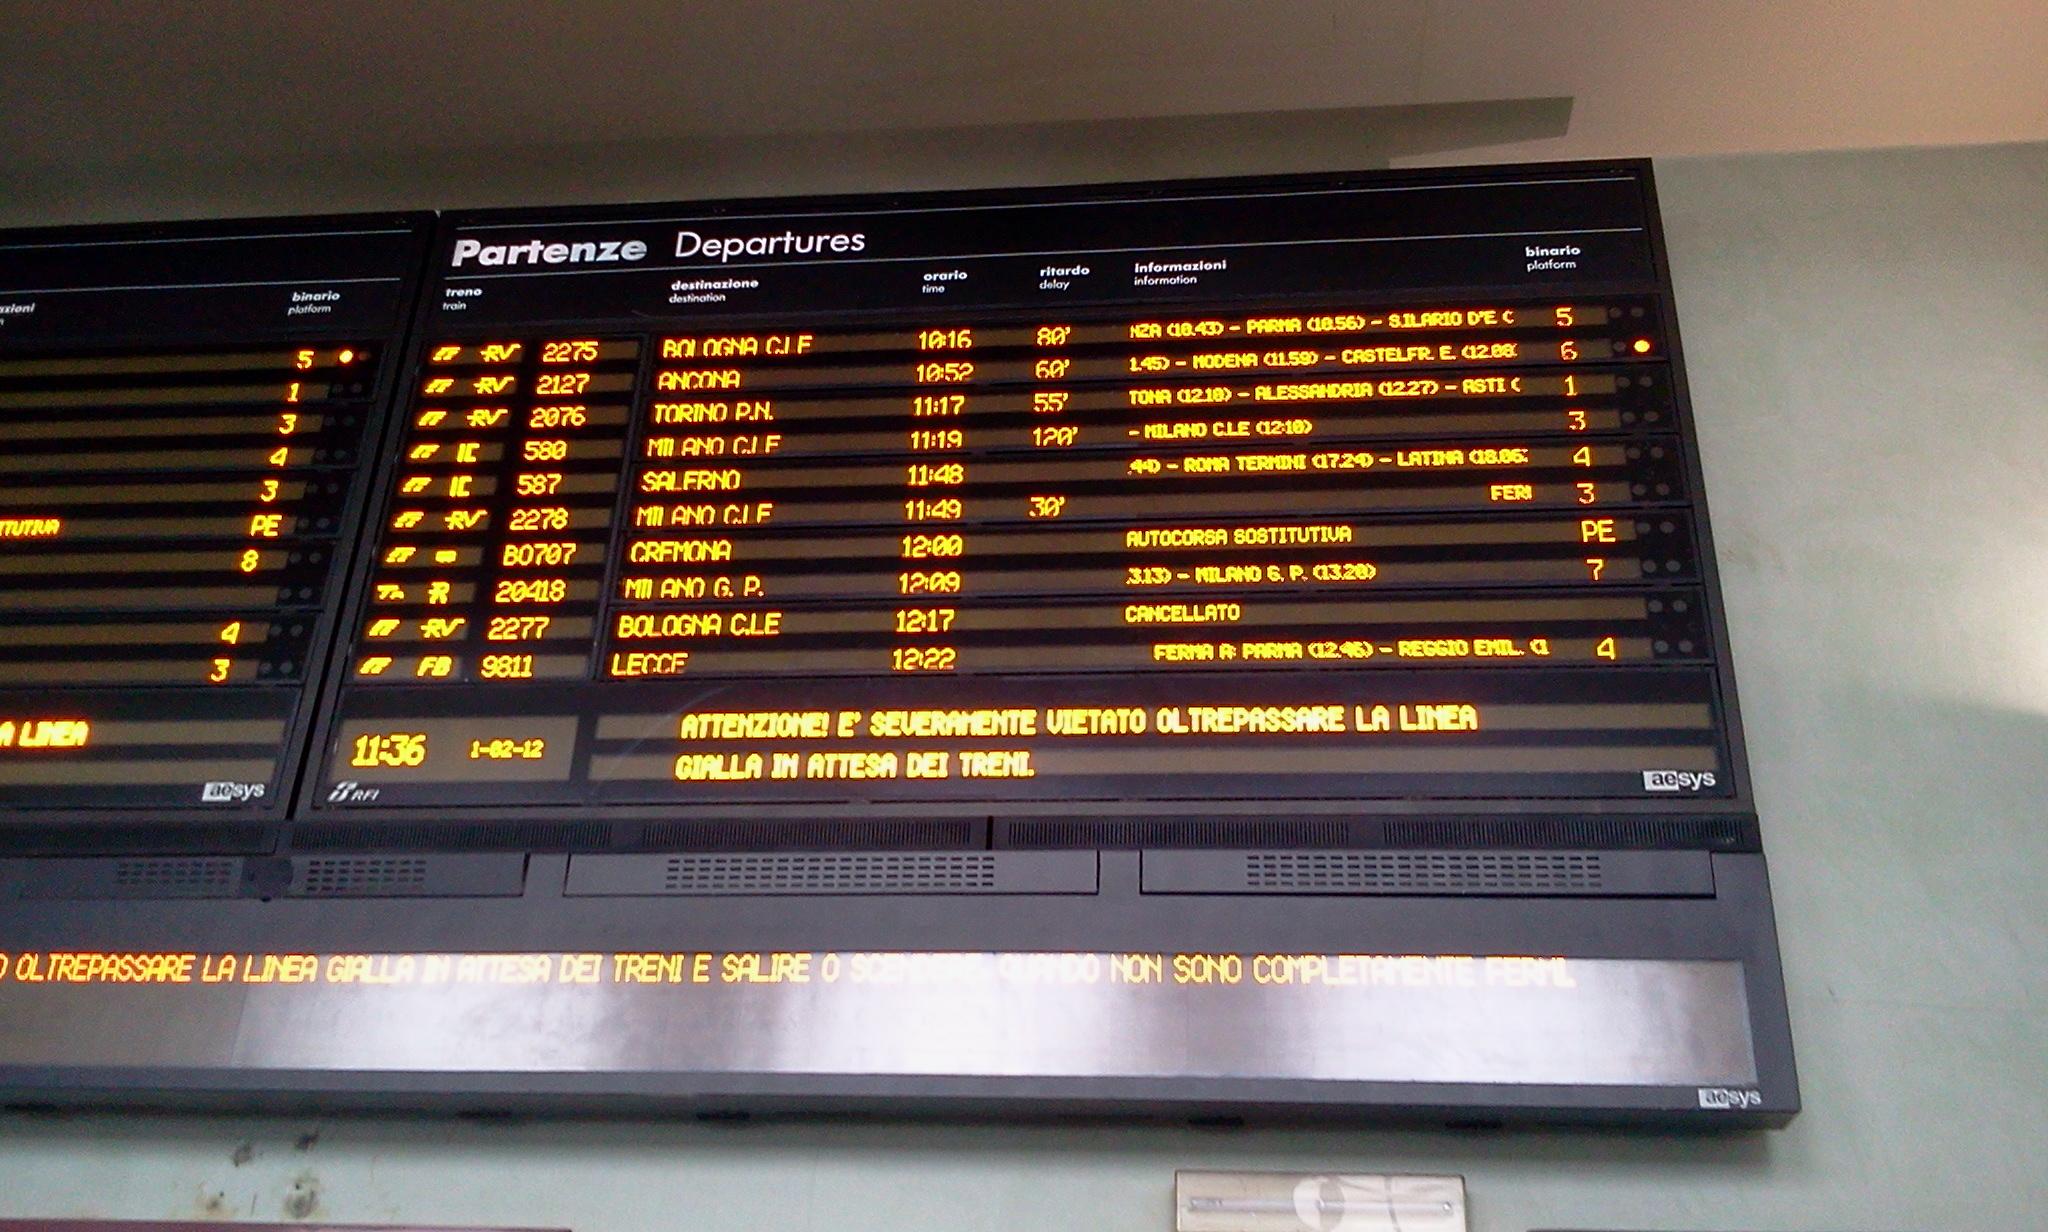 Trasporti, scuola e sanità: oggi sciopero, due treni soppressi e due in ritardo